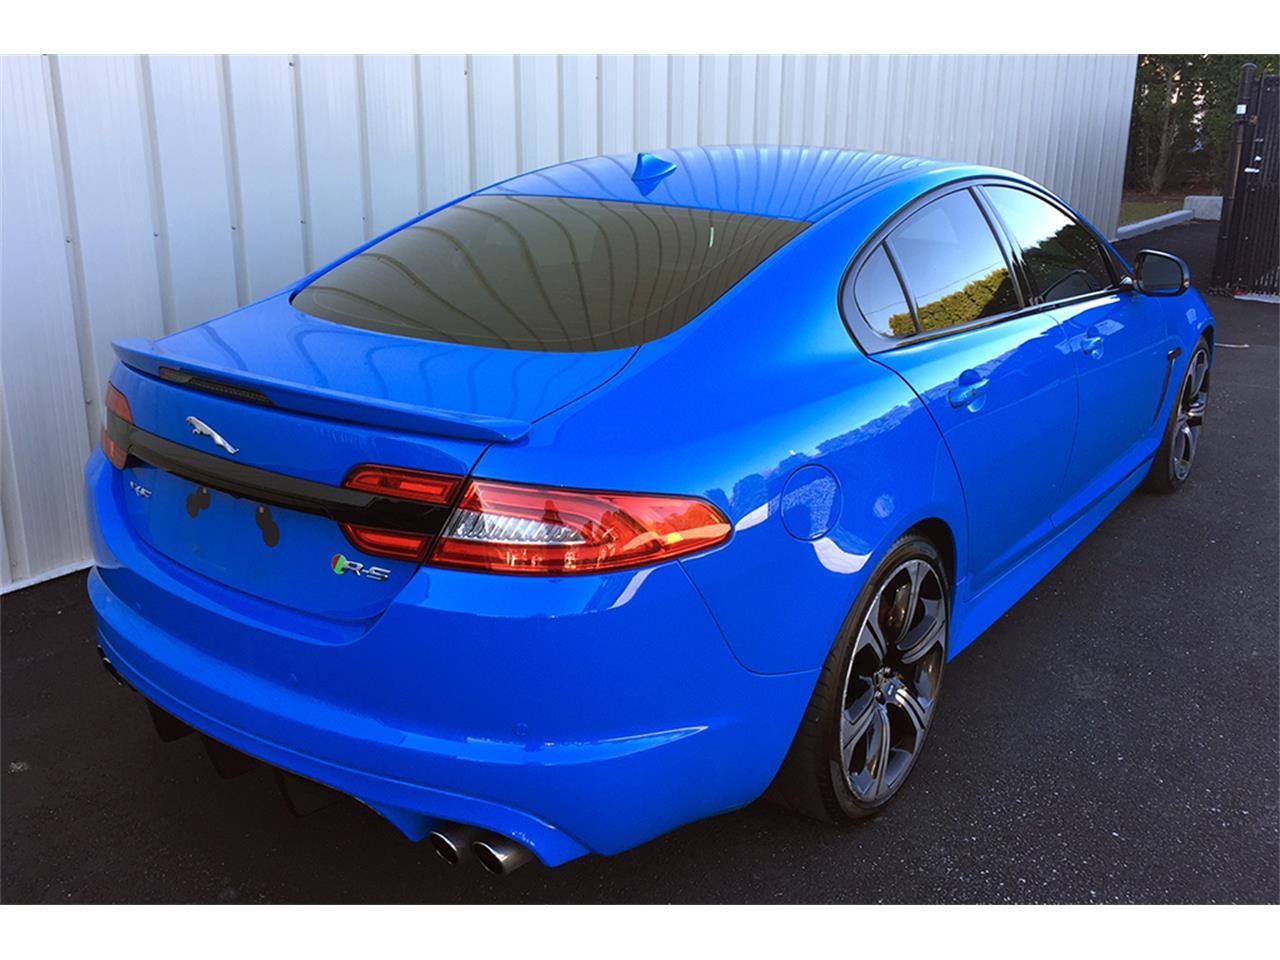 2013 Jaguar XFR-S for Sale | ClassicCars.com | CC-925567